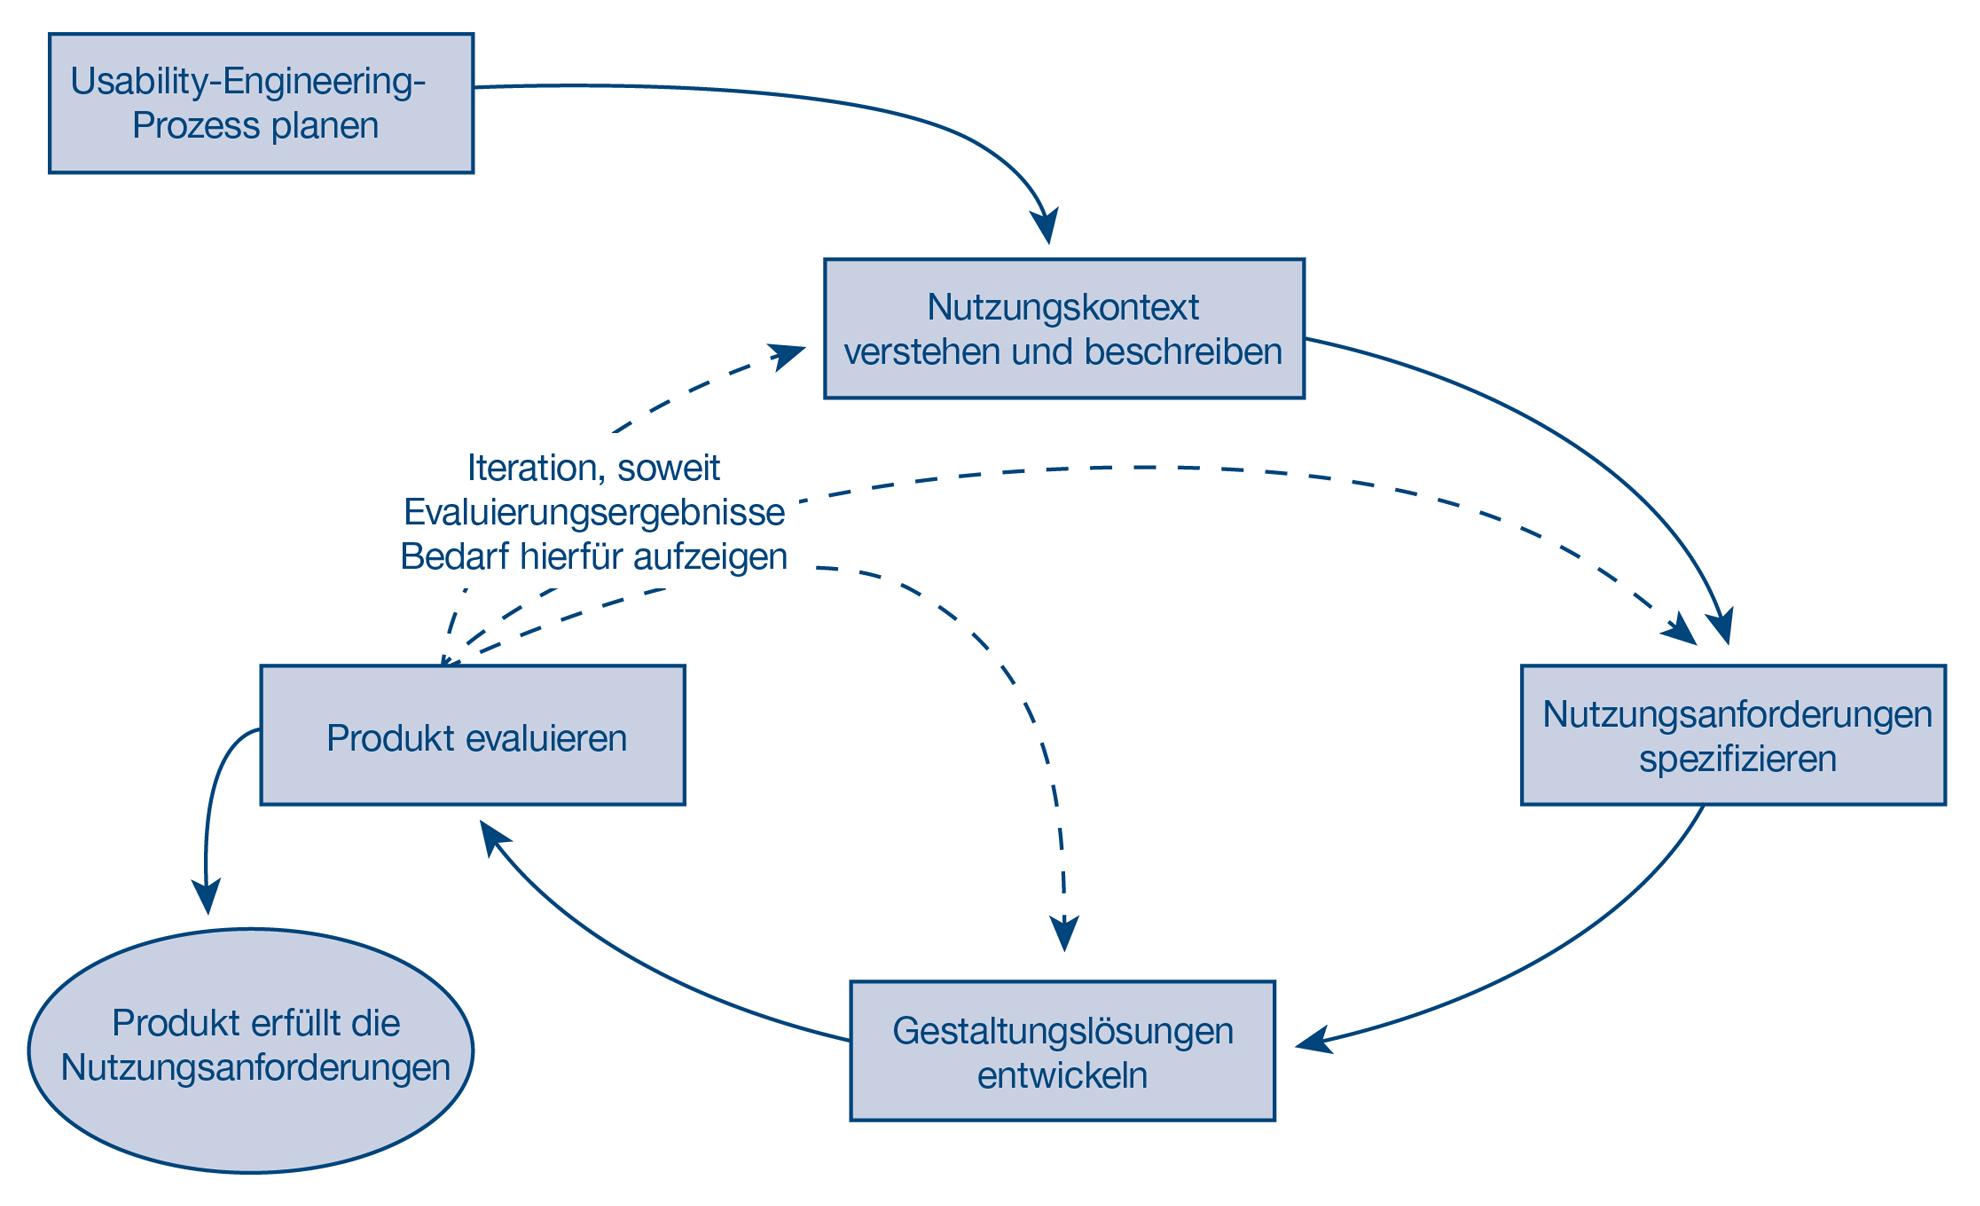 Benutzerzentrierter Gestaltungsprozess: Nutzungskontext verstehen und beschreiben, Nutzungsanforderungen spezifizieren, Gestaltungslösungen entwickeln, Produkt evaluieren